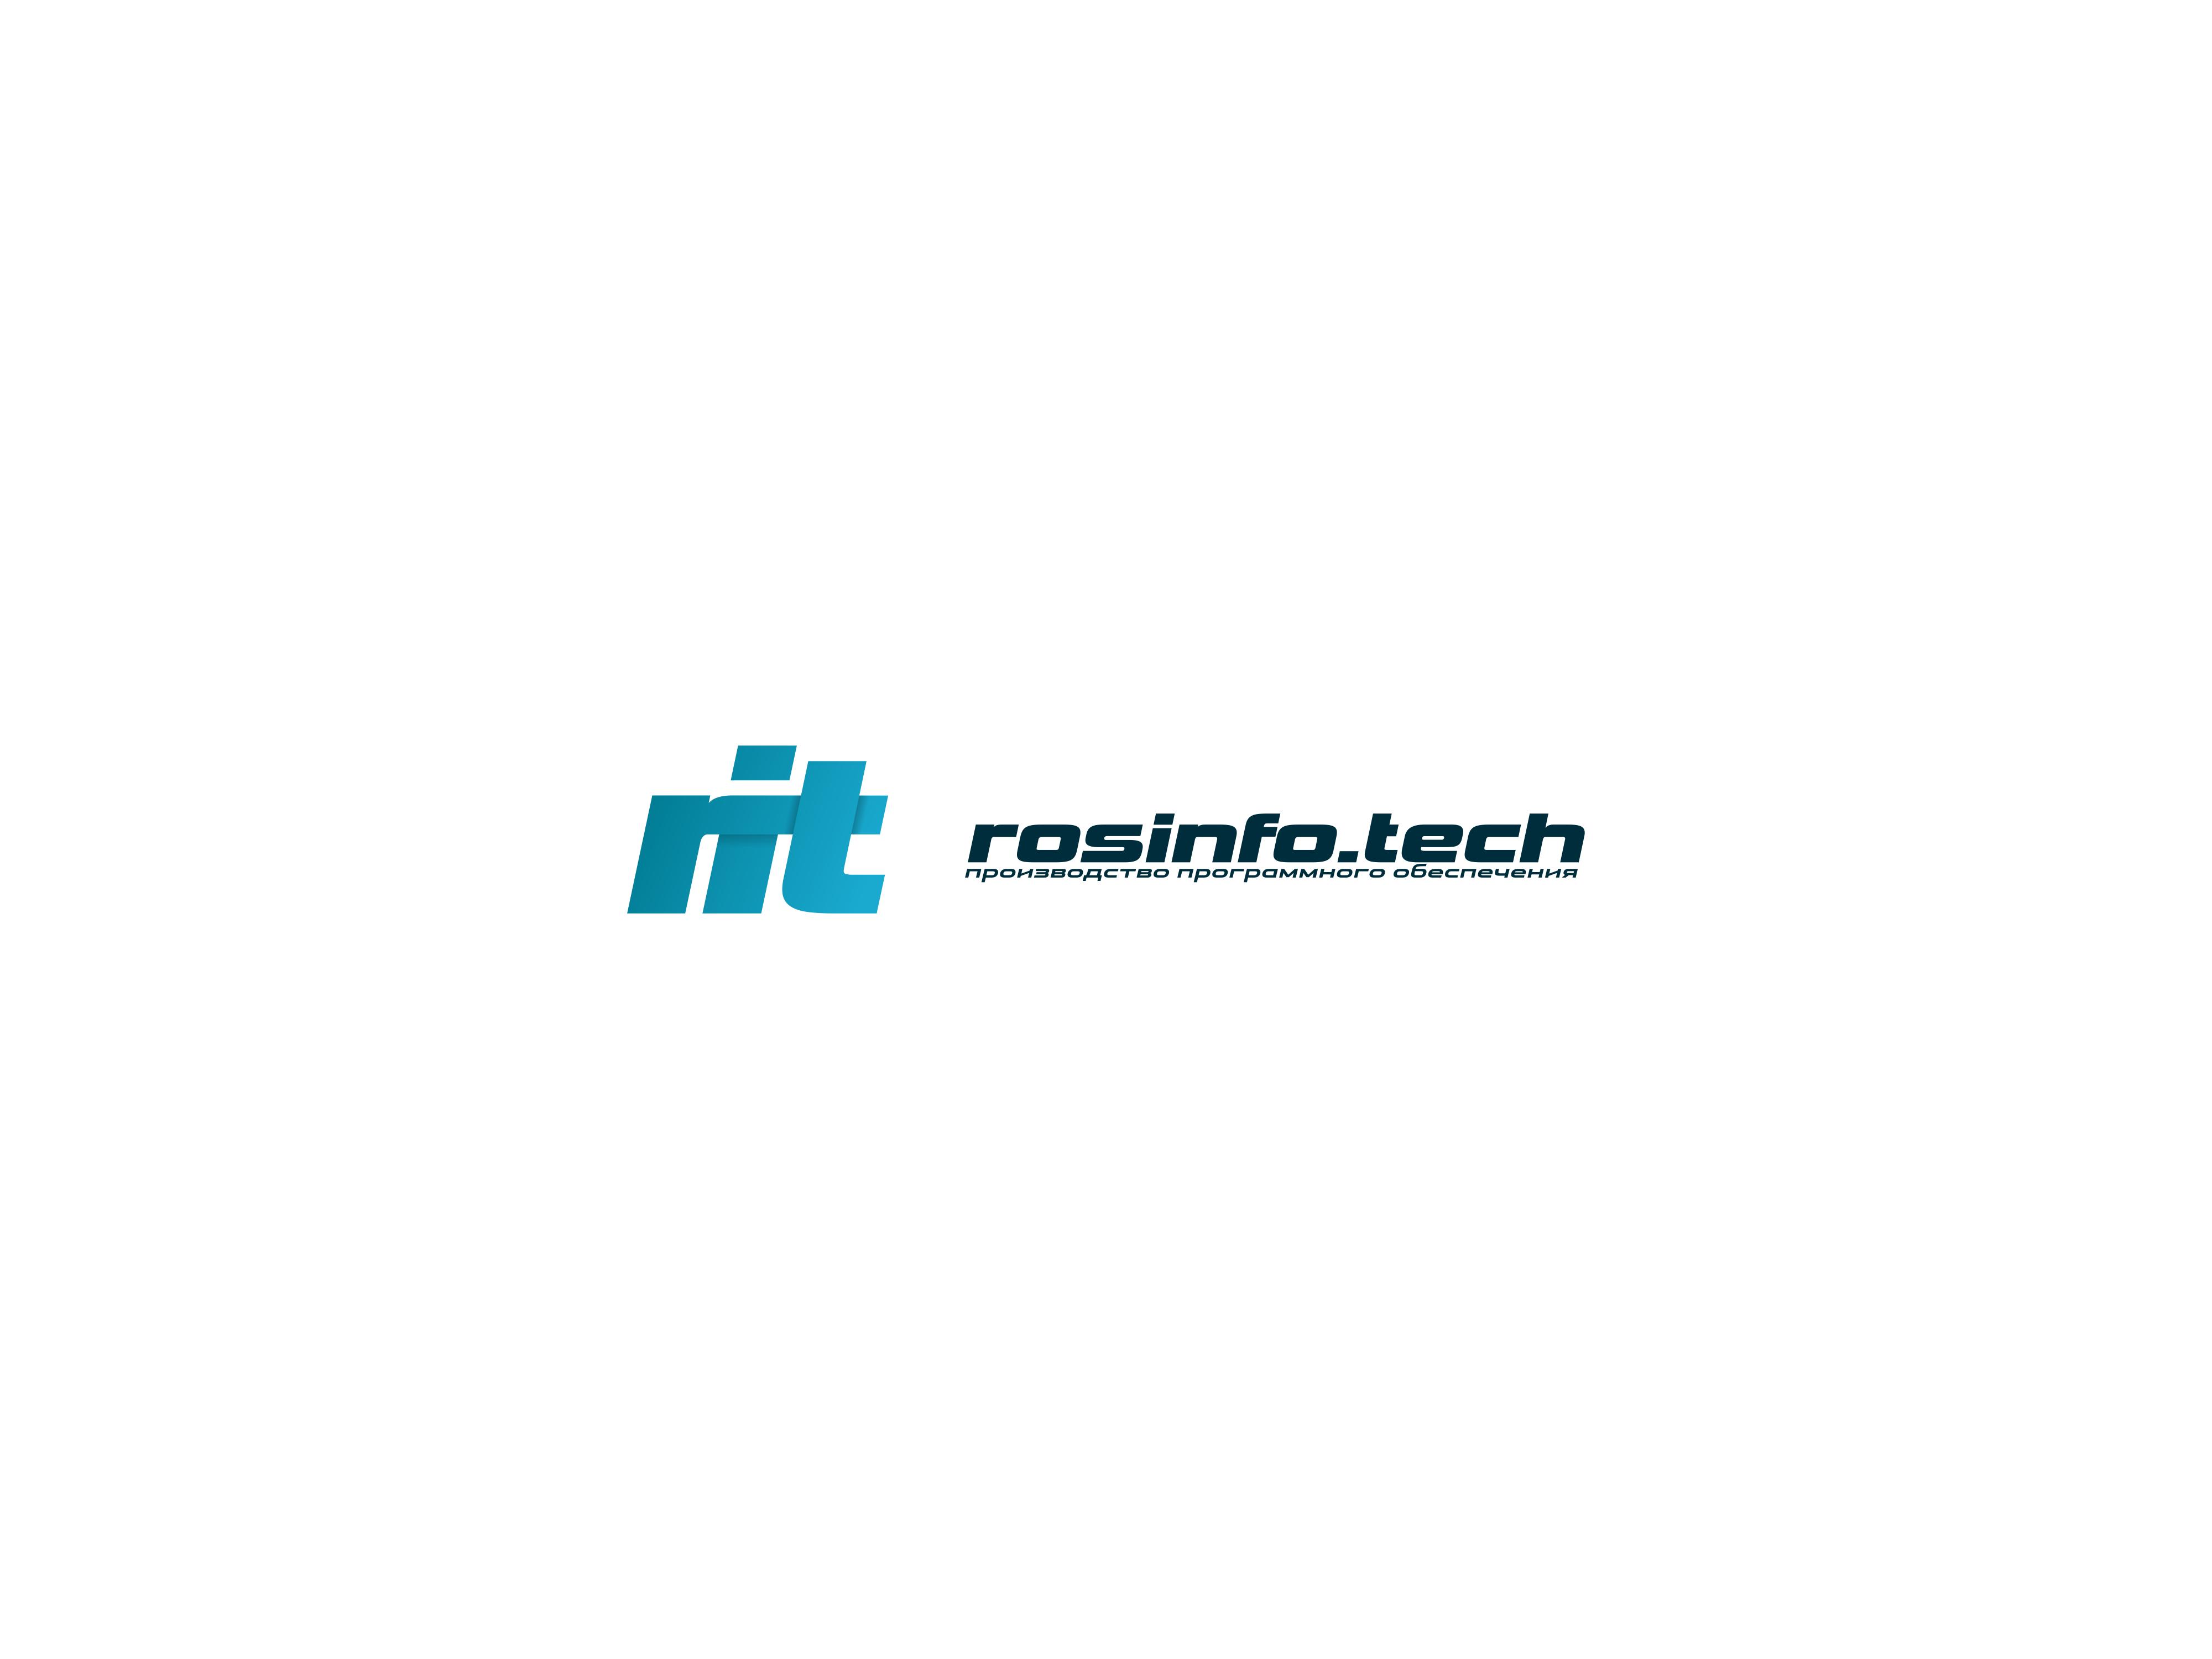 Разработка пакета айдентики rosinfo.tech фото f_0035e2b16c9cf9a7.png